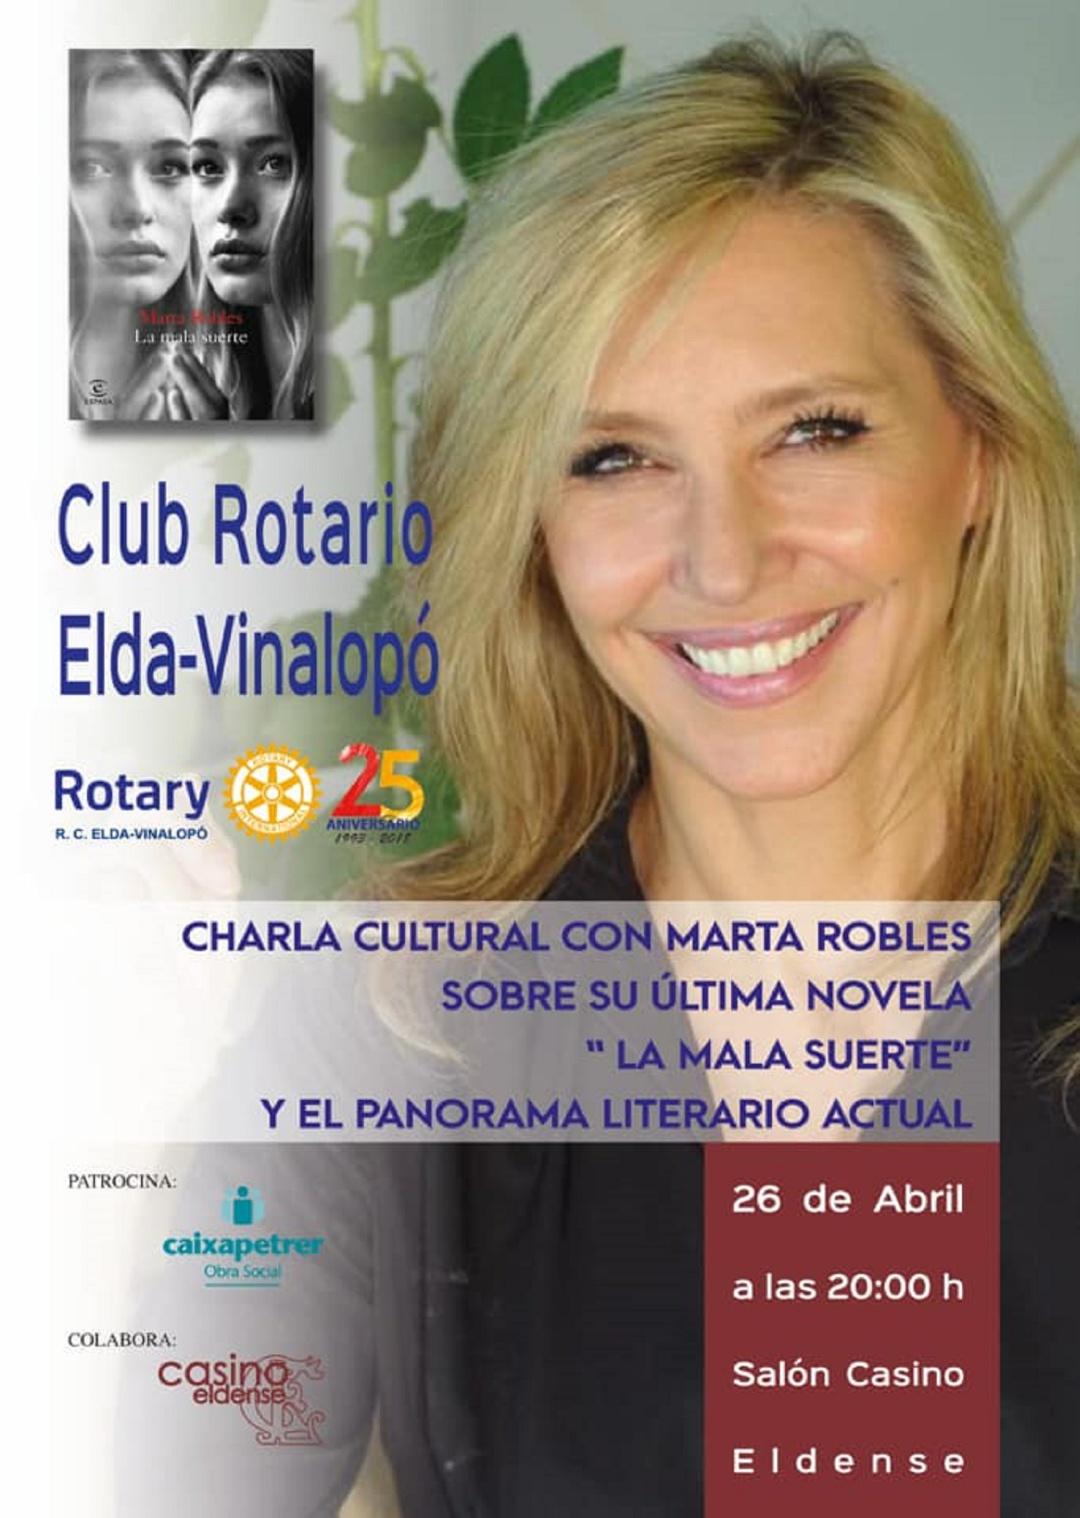 """Presentación libros Elda: Marta Robles presenta """"La mala suerte"""" en Elda"""